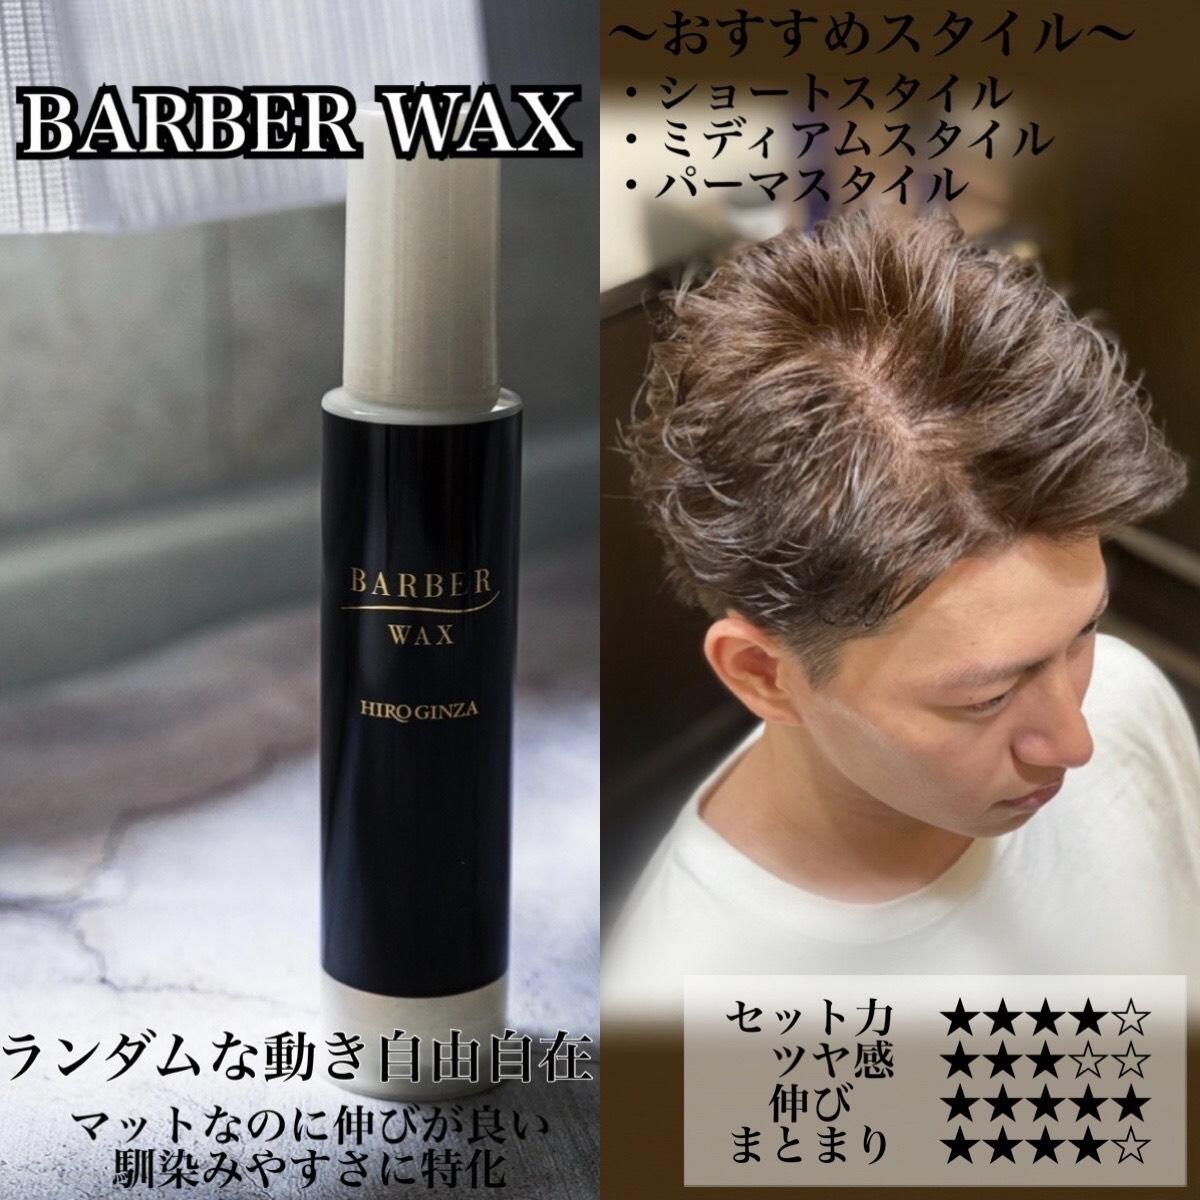 【プレミアムWax】バーバーワックス(マット) 120g